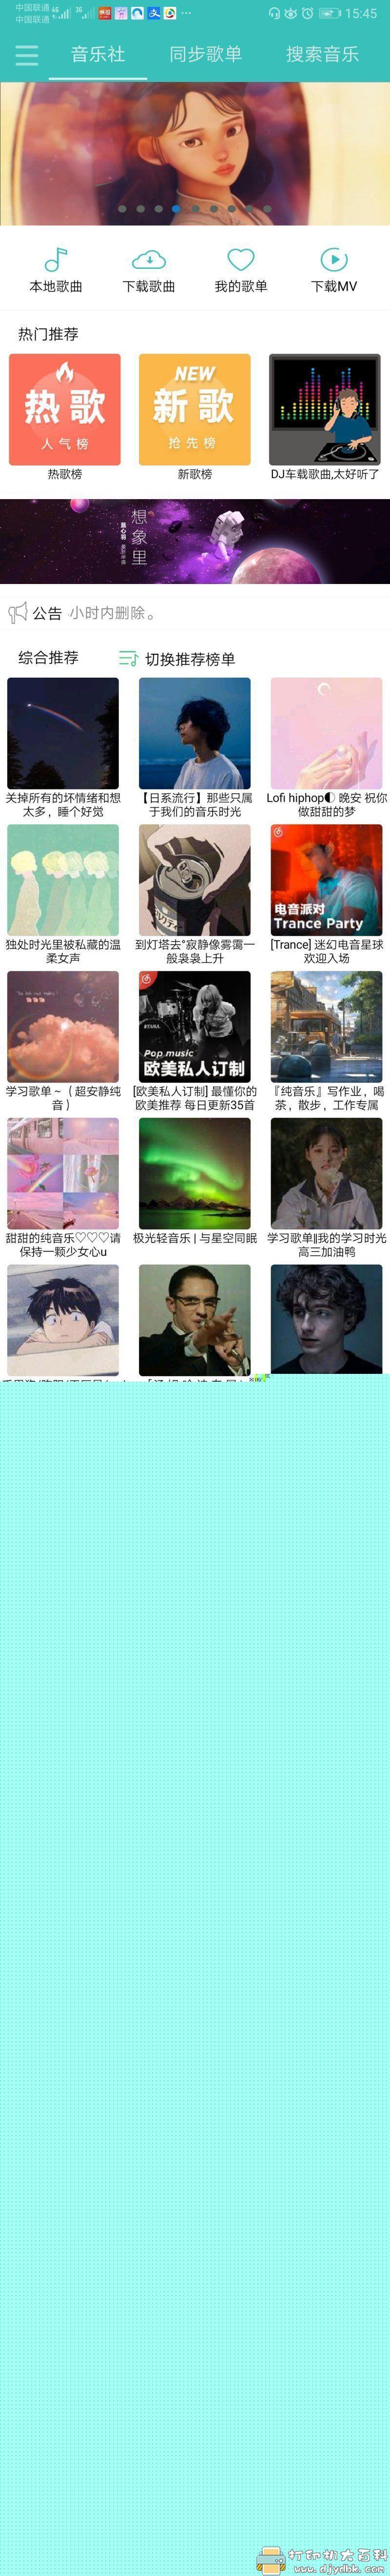 [Android]仙乐音乐1.2,在线听和下载sq音质音乐图片 No.4